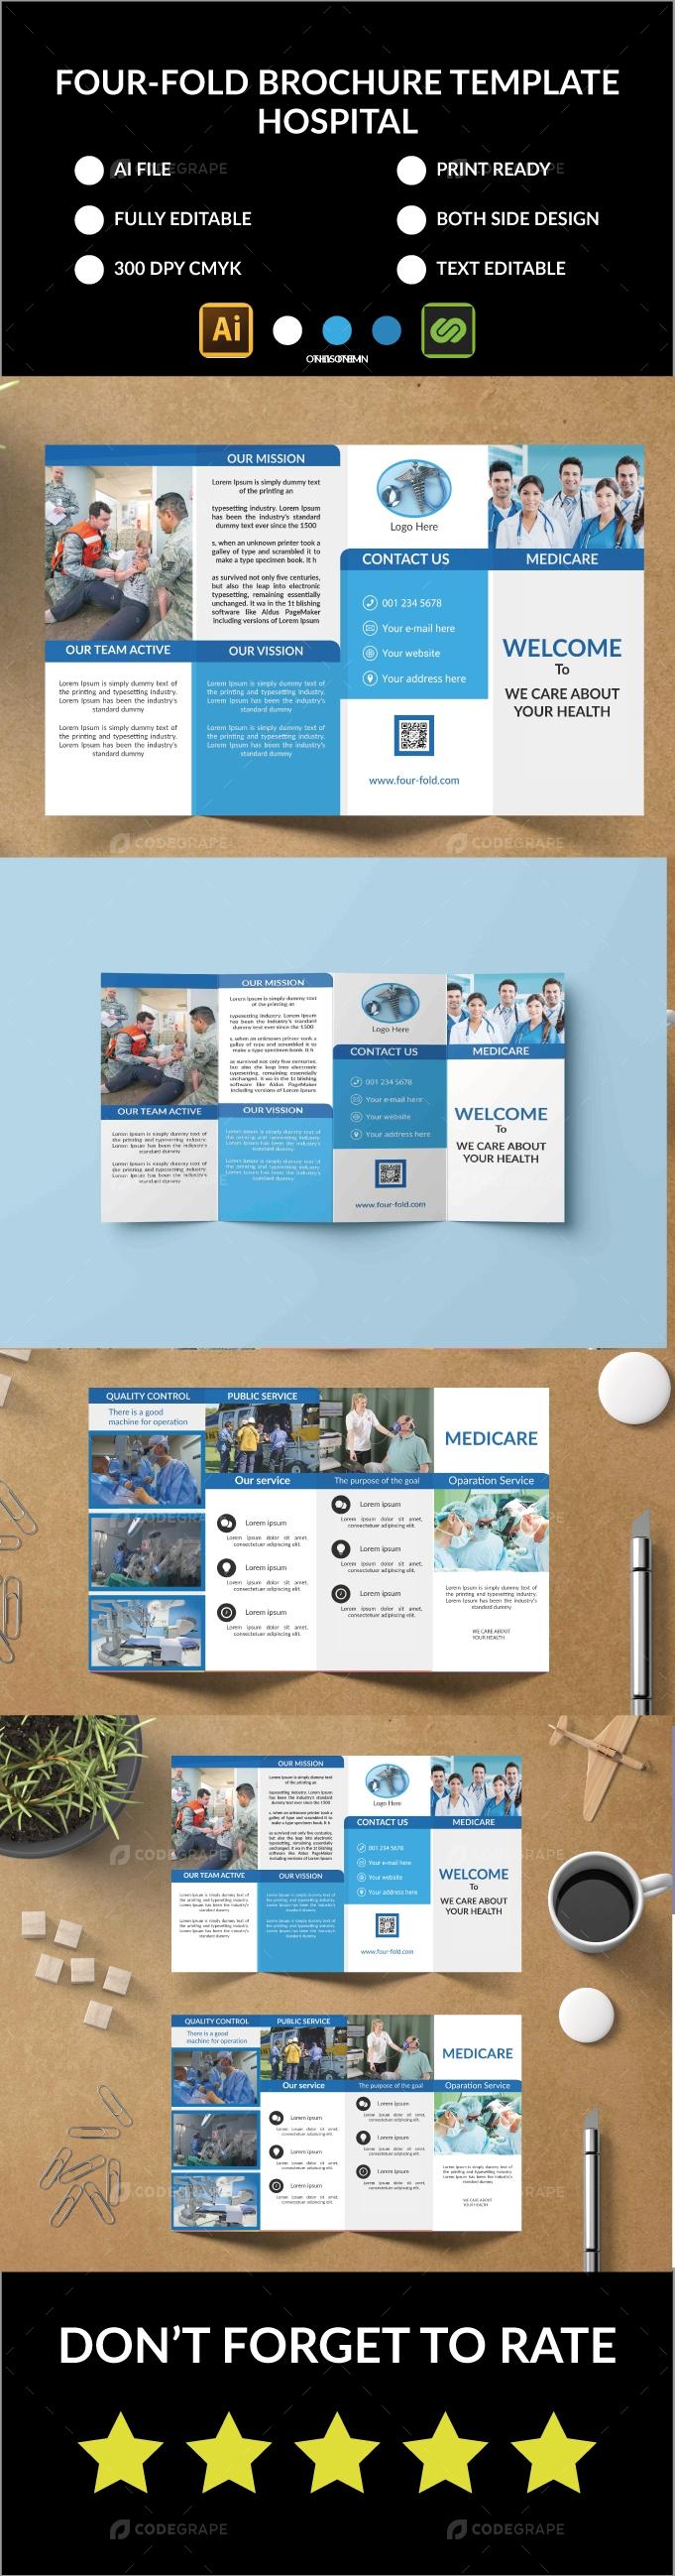 Hospital Four-Fold Brochure